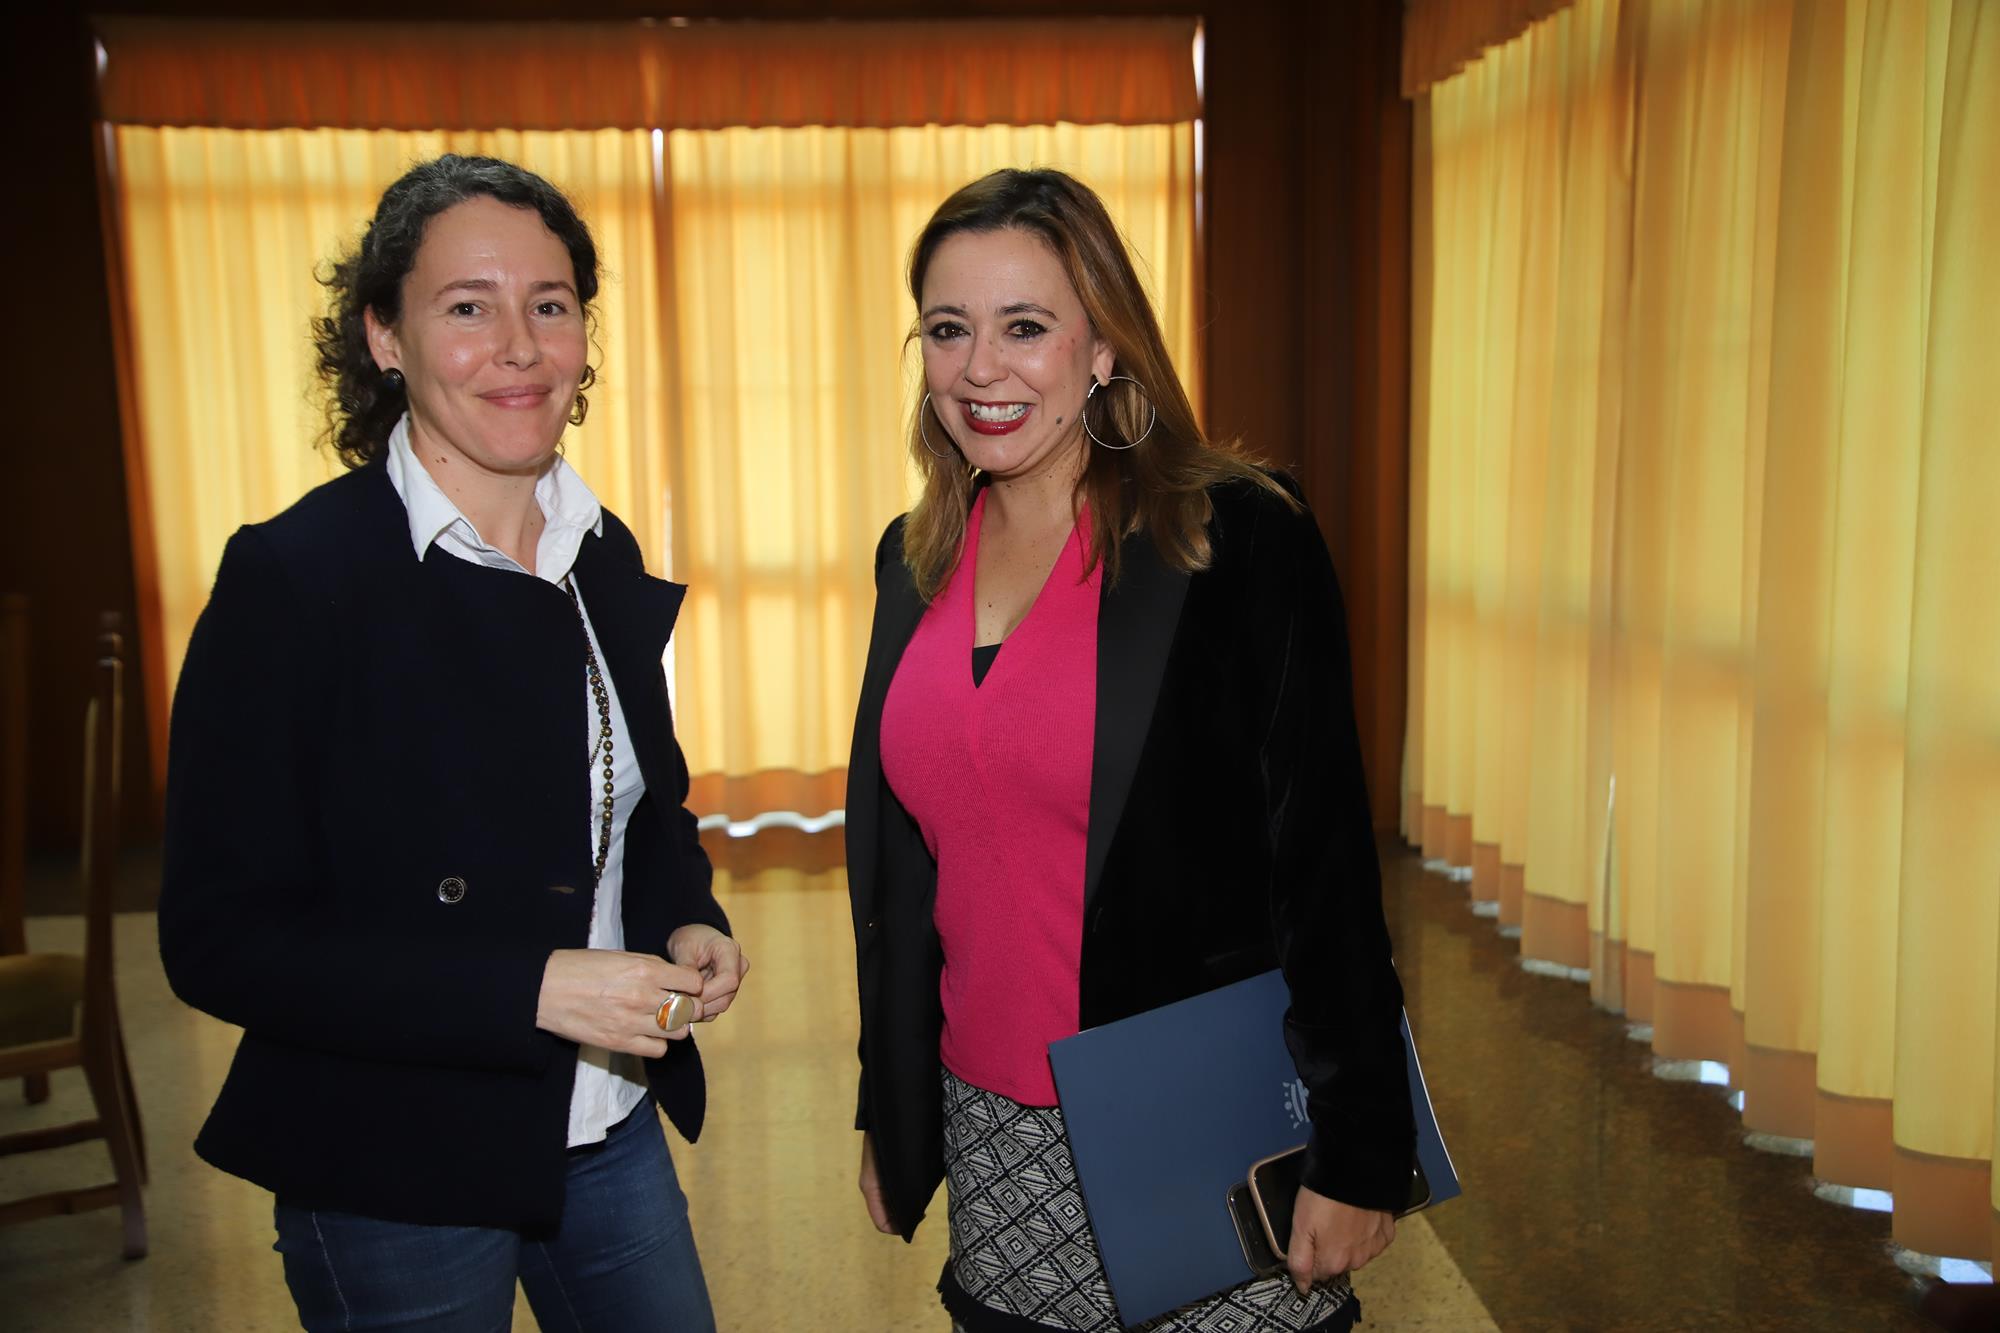 El Cabildo destina 250.000 euros a subvenciones para la implantación de energías limpias en Lanzarote y La Graciosa